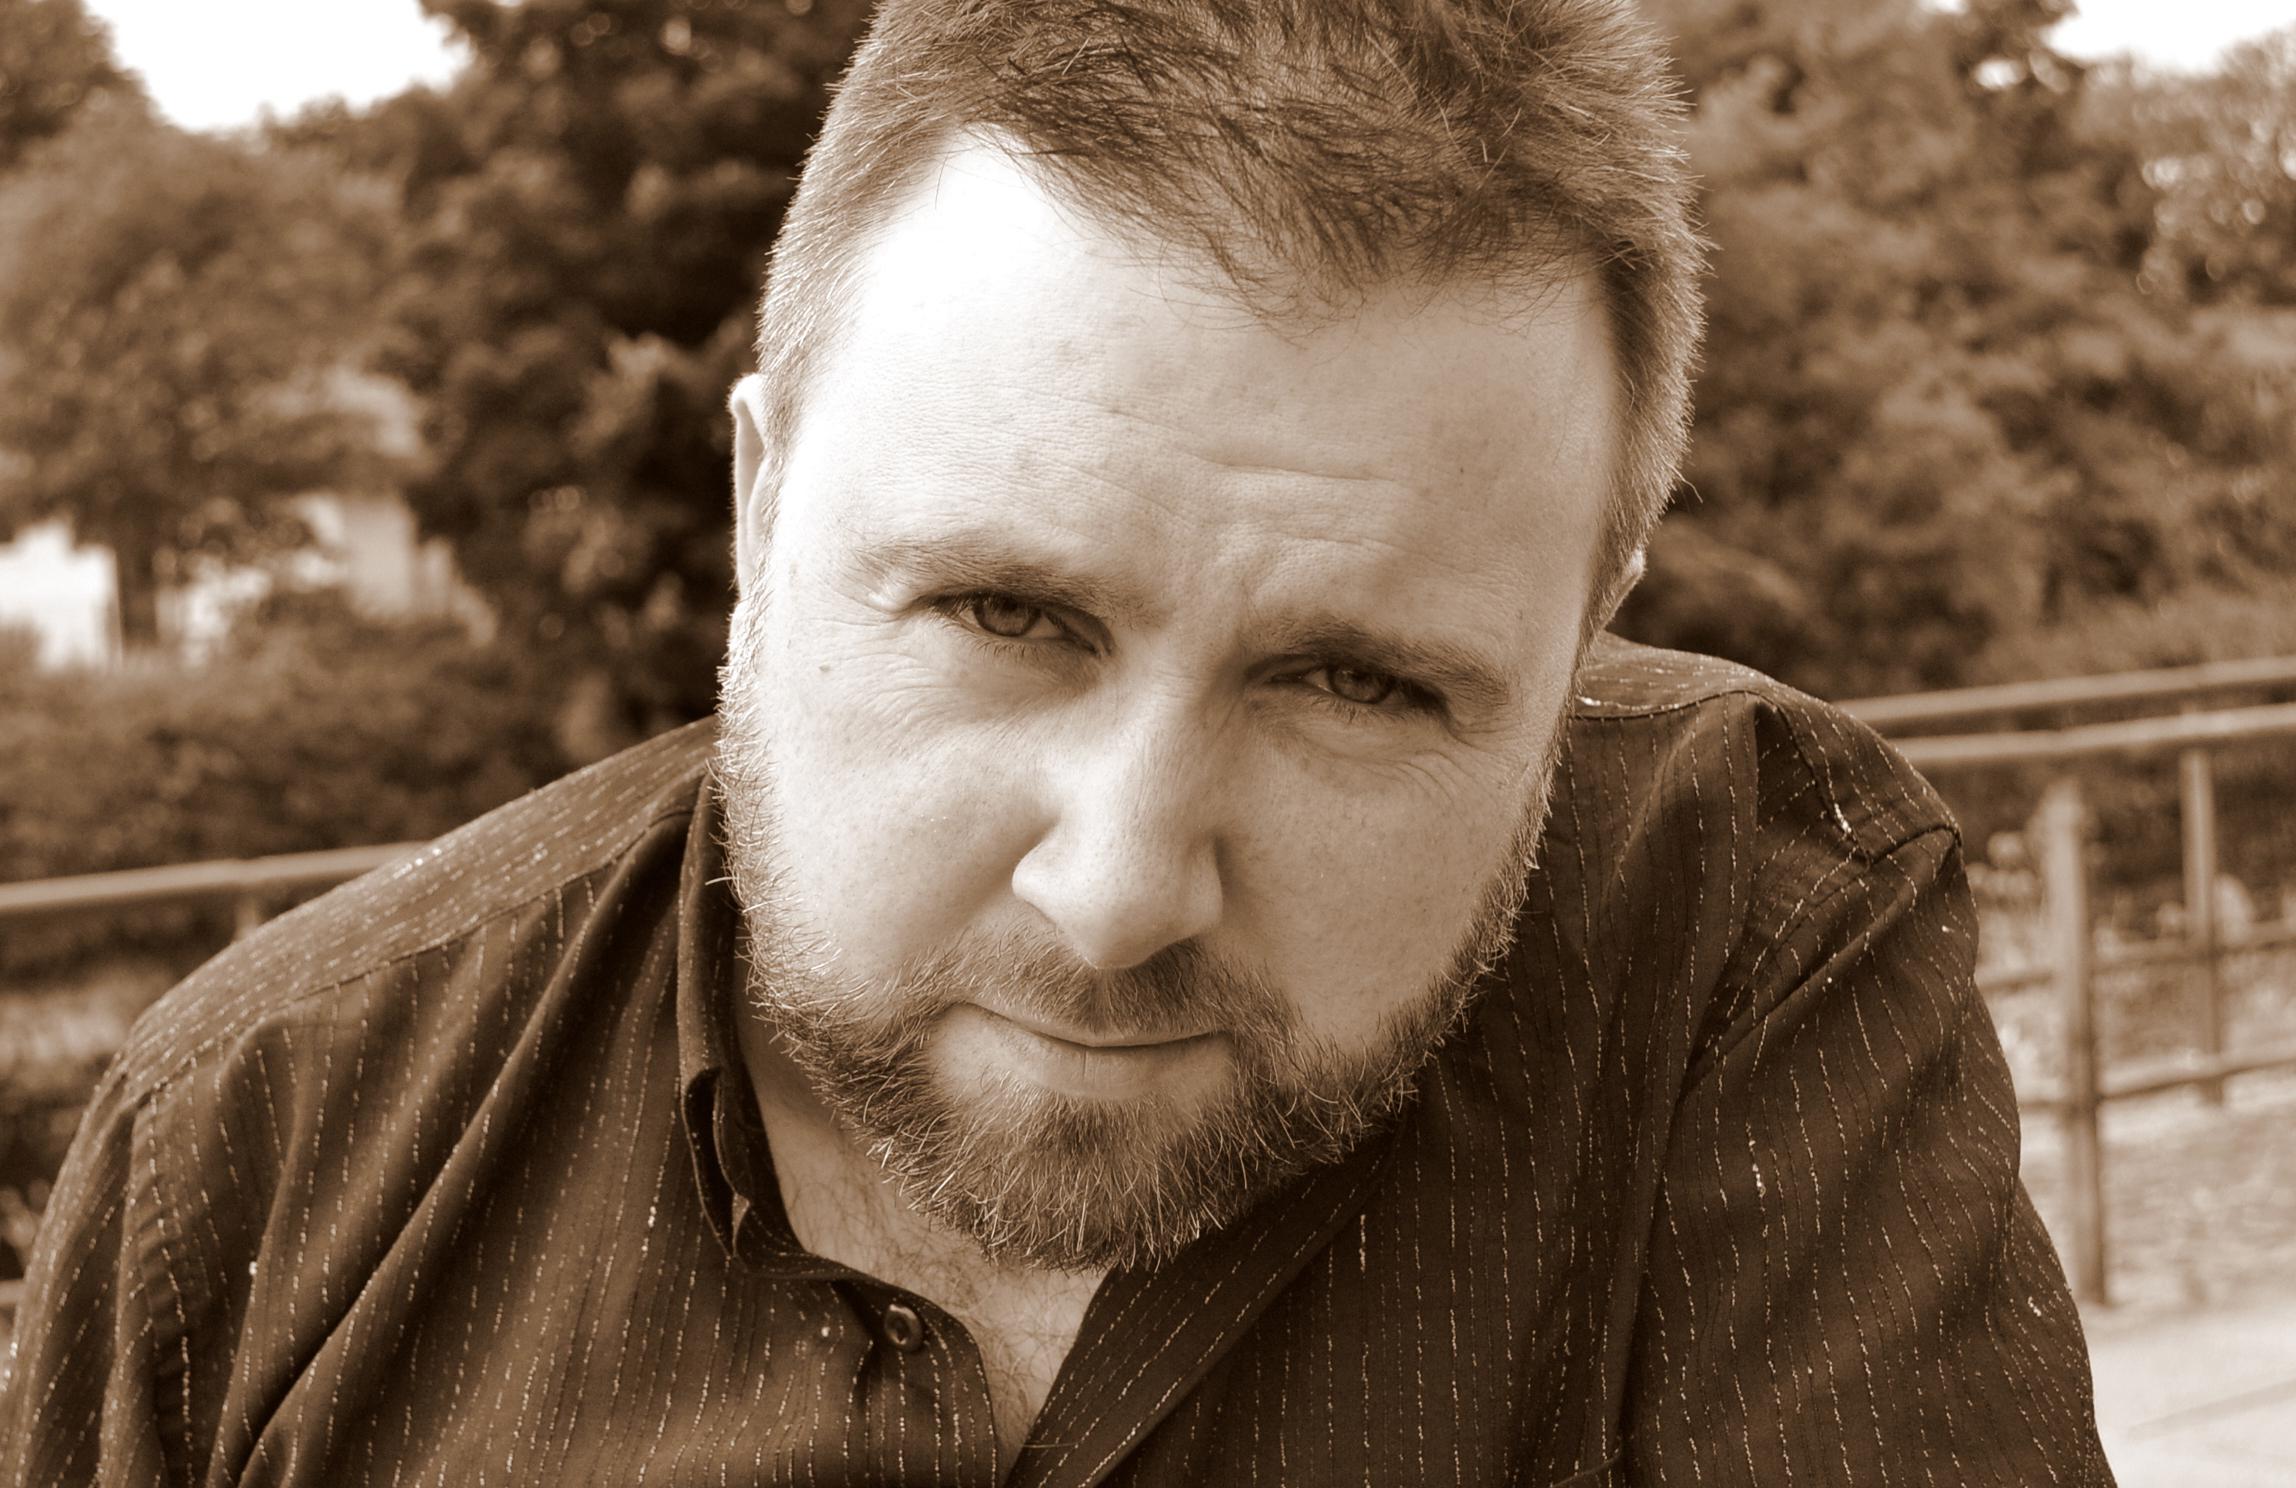 Bob Hennigan